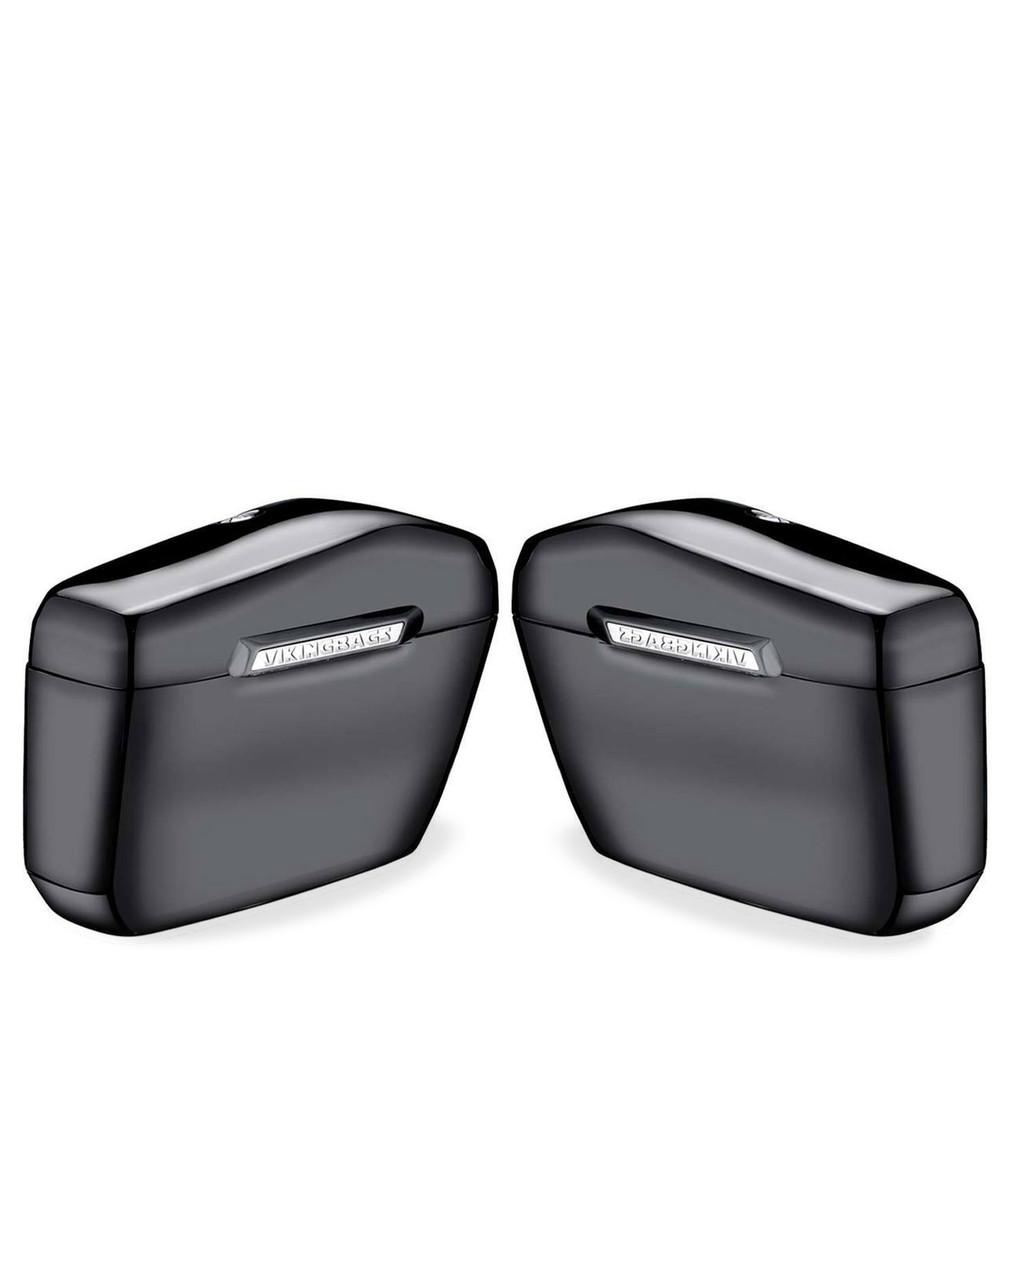 Honda 600 Shadow VLX Viking Lamellar Large Black Hard Saddlebags both bags view